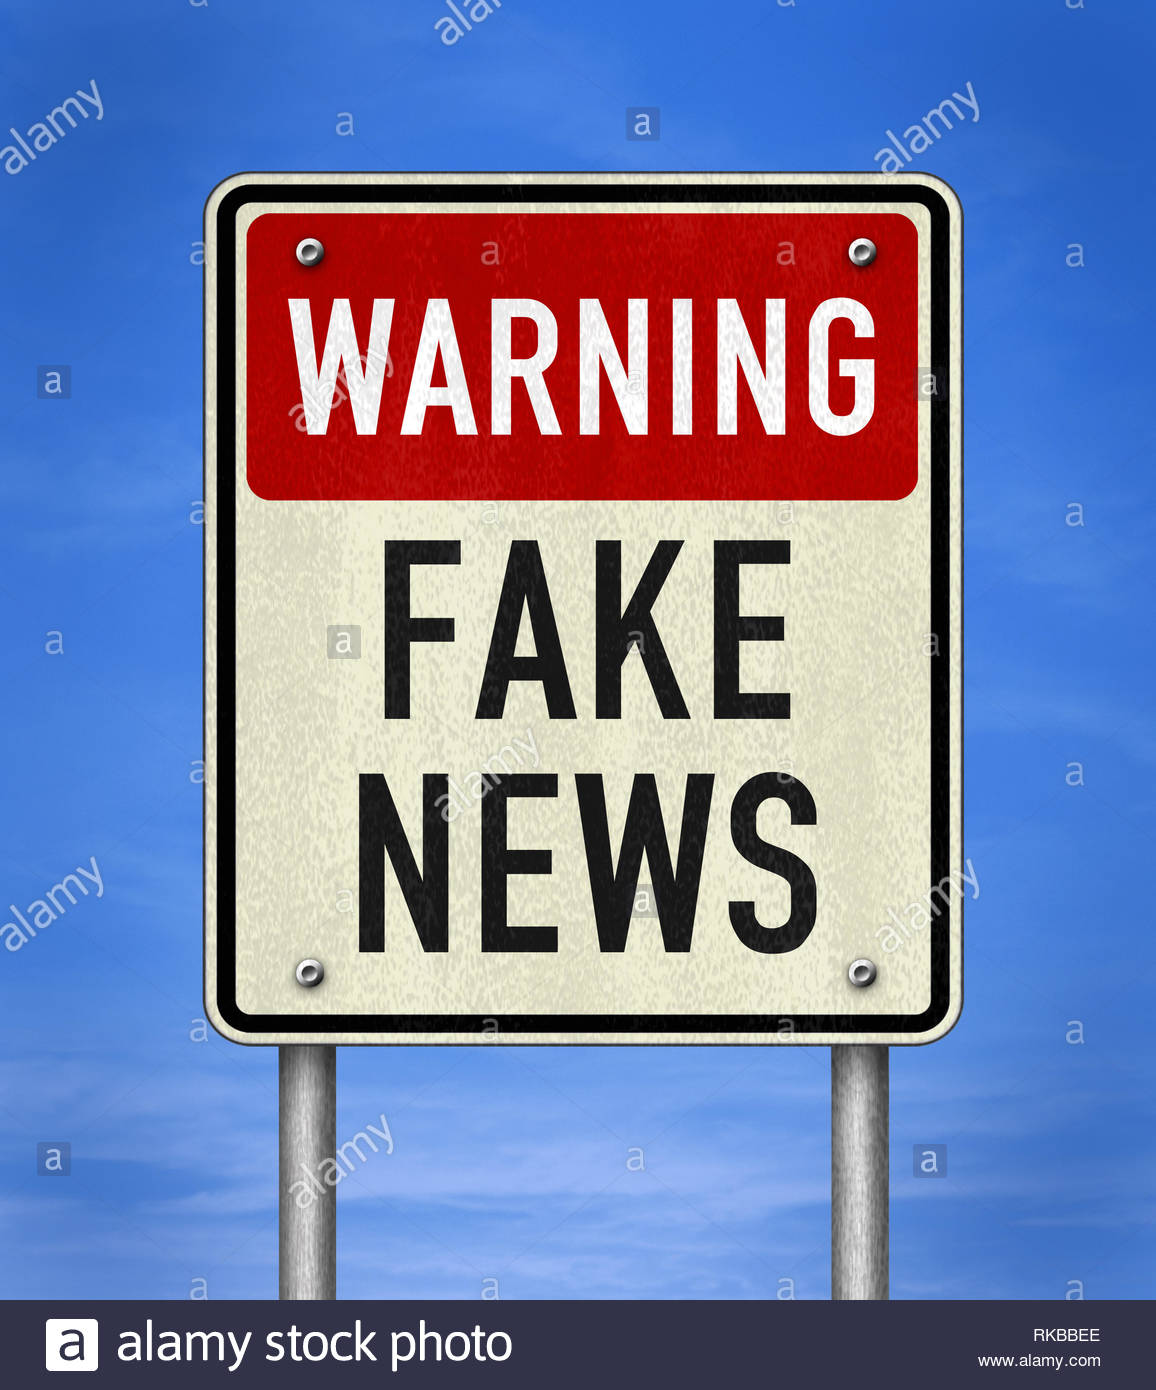 Warning - Fake News - Stock Image